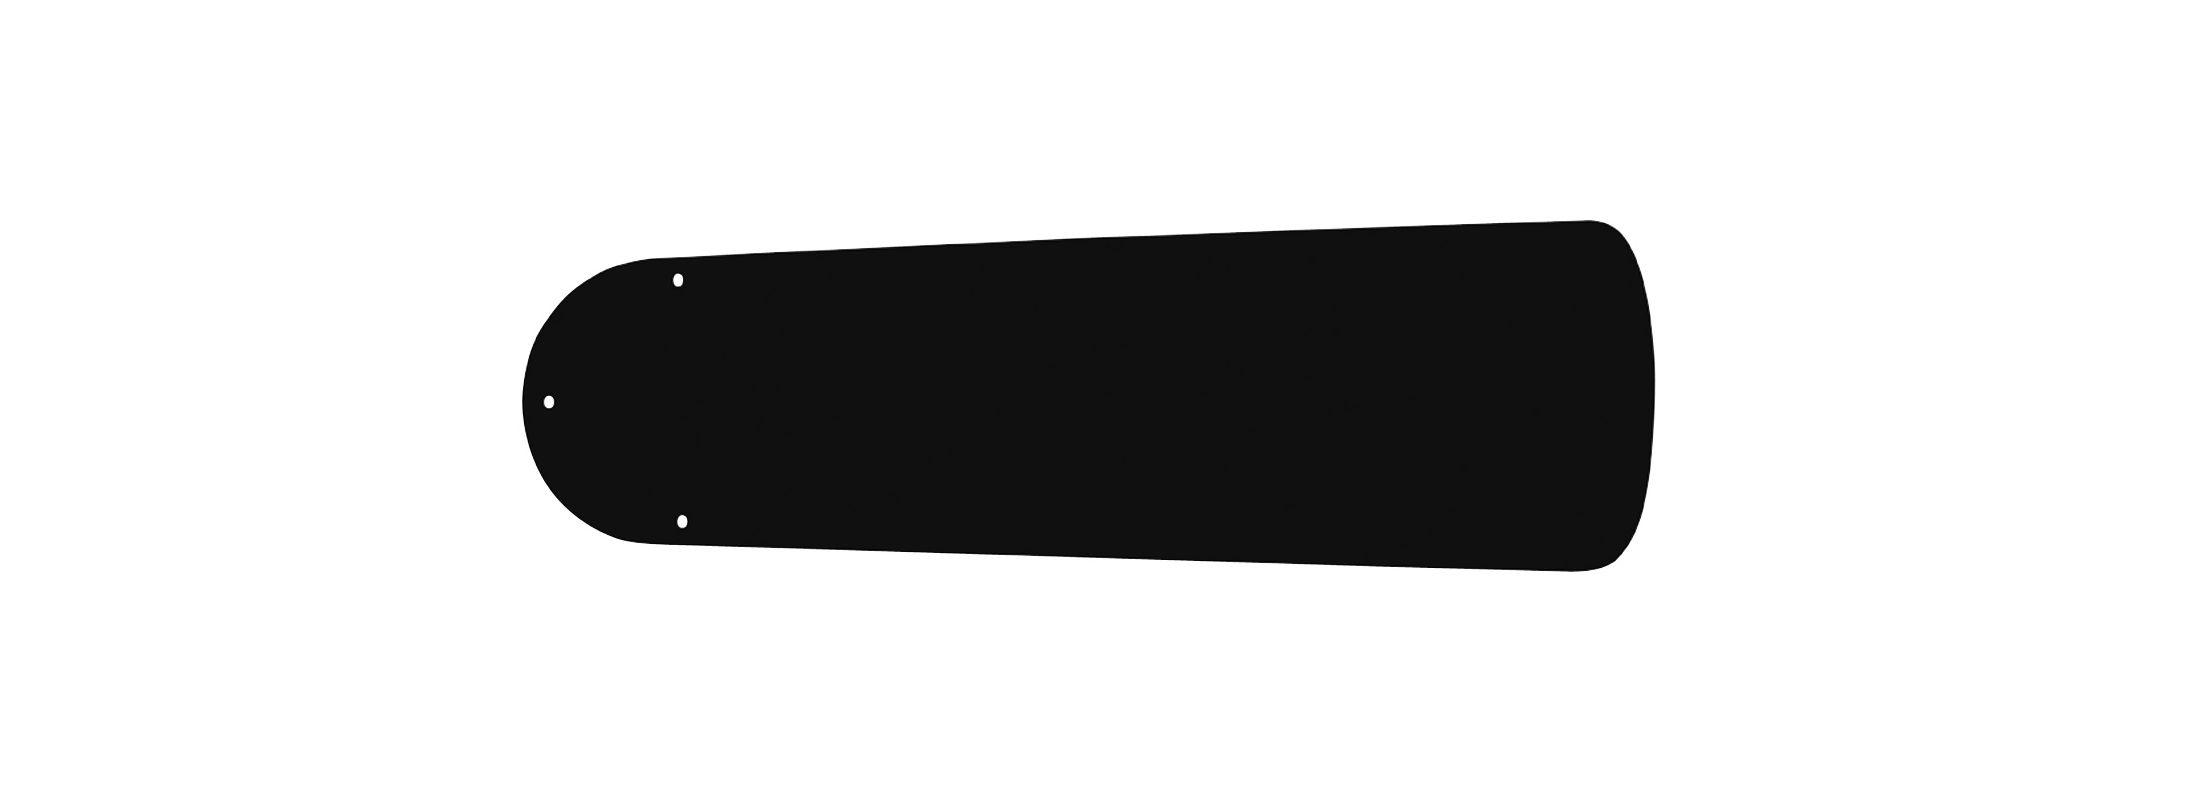 """Ellington Fans B44-WOD 44"""" Fan Blades Set of 5 ABS Black Ceiling Fan"""